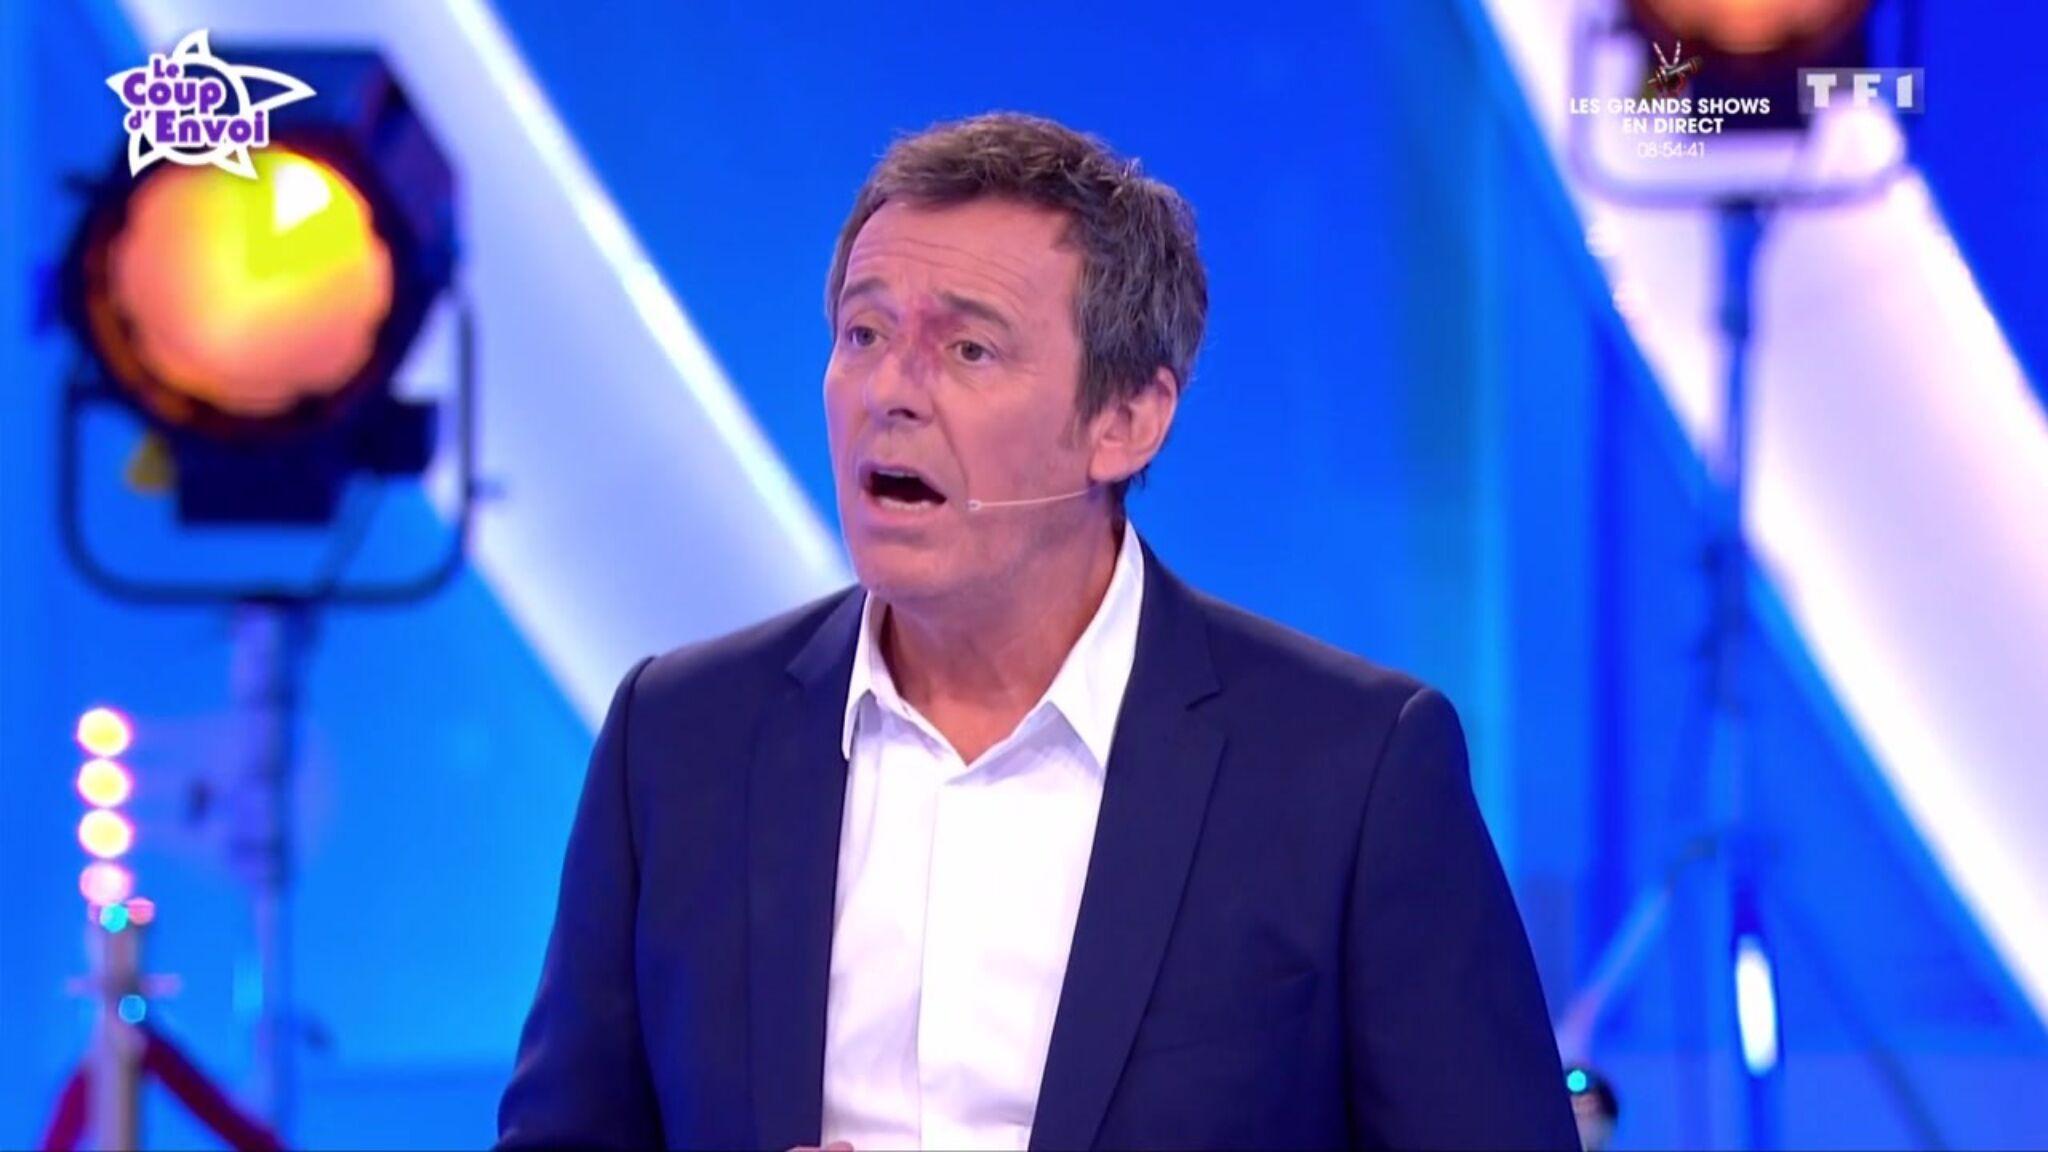 Eurovision 2019 : le troublant pronostic d'un candidat des 12 coups de midi